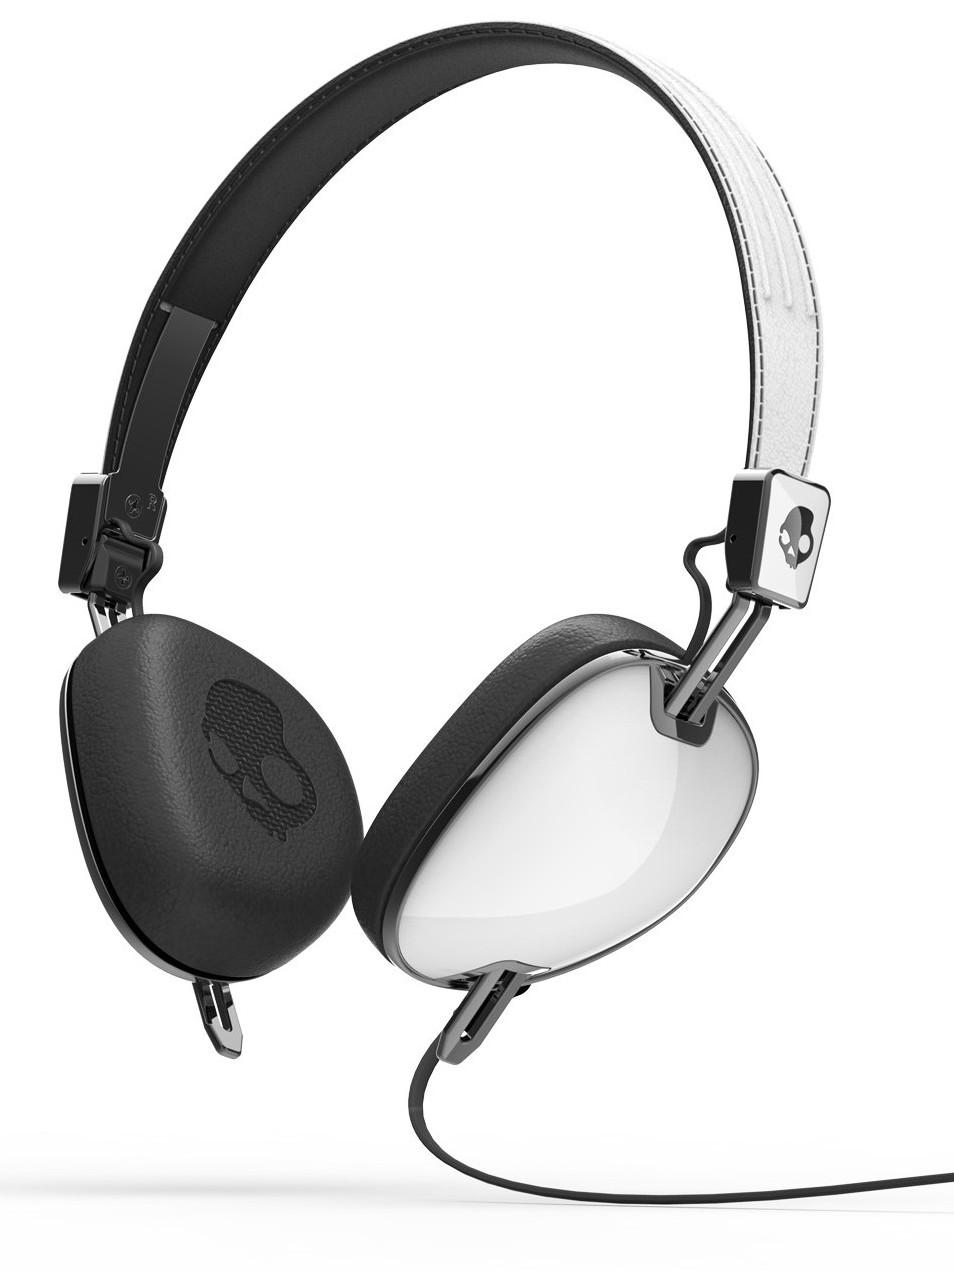 Skullcandy Sluchátka Navigator White/black W/mic3 bílá